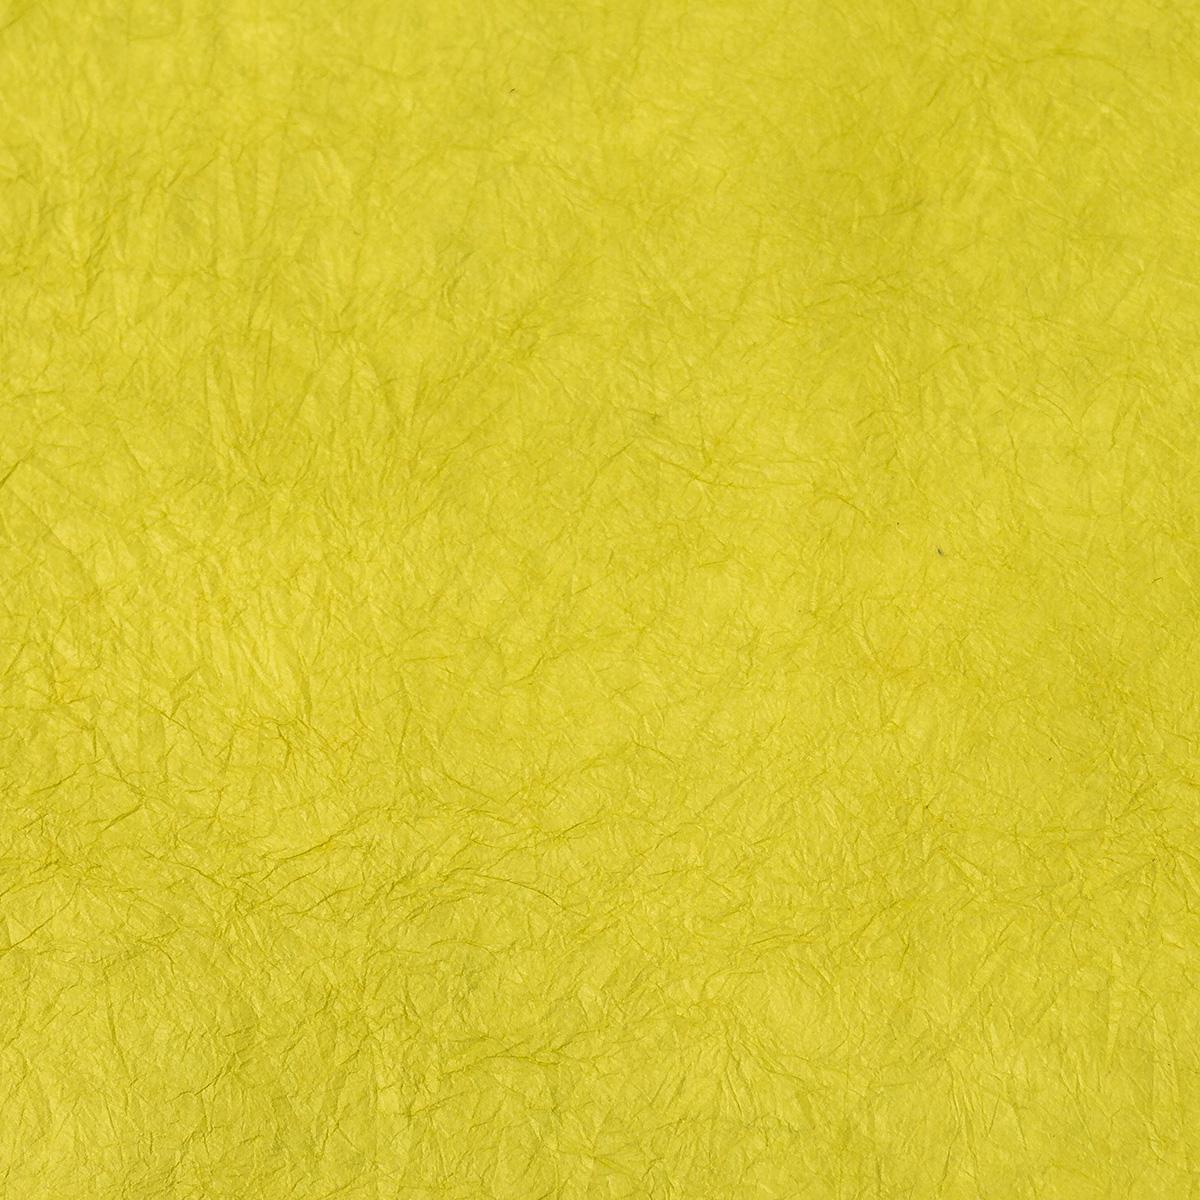 王朝のそめいろ 薄口 44番 浅黄